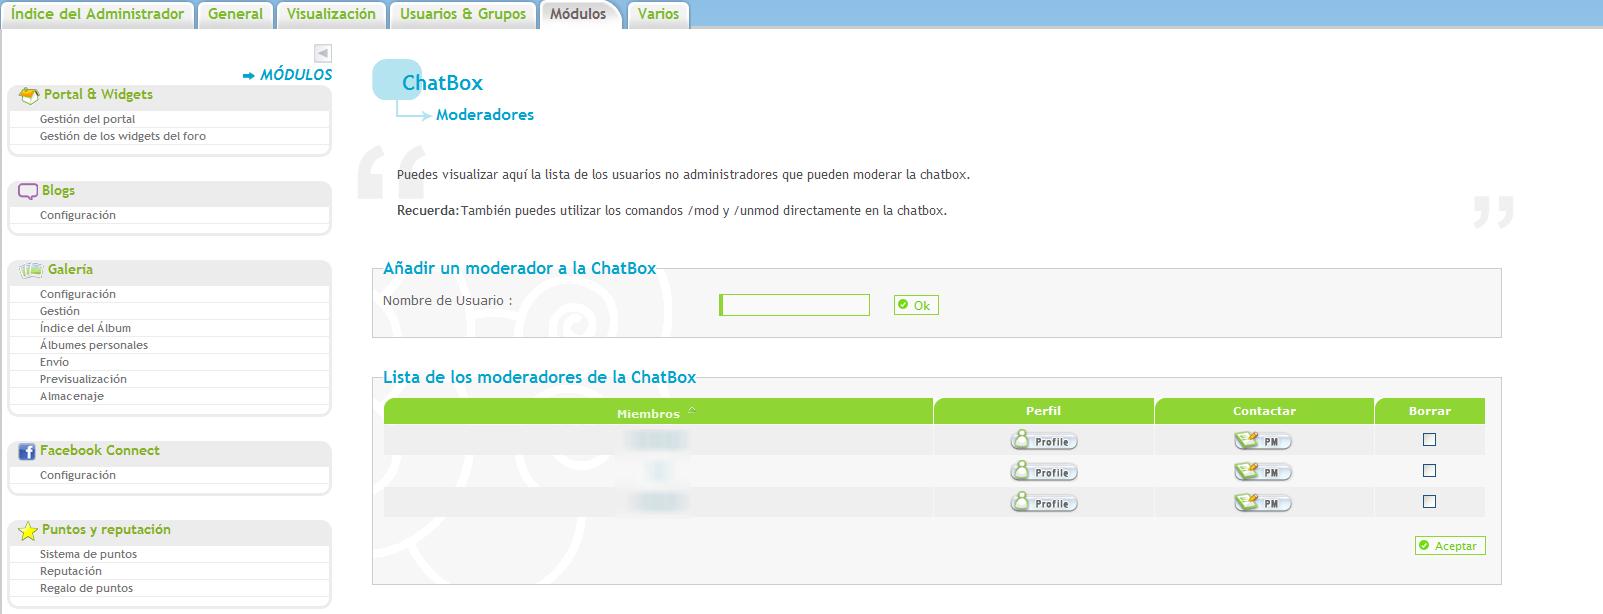 La Chatbox Chat310